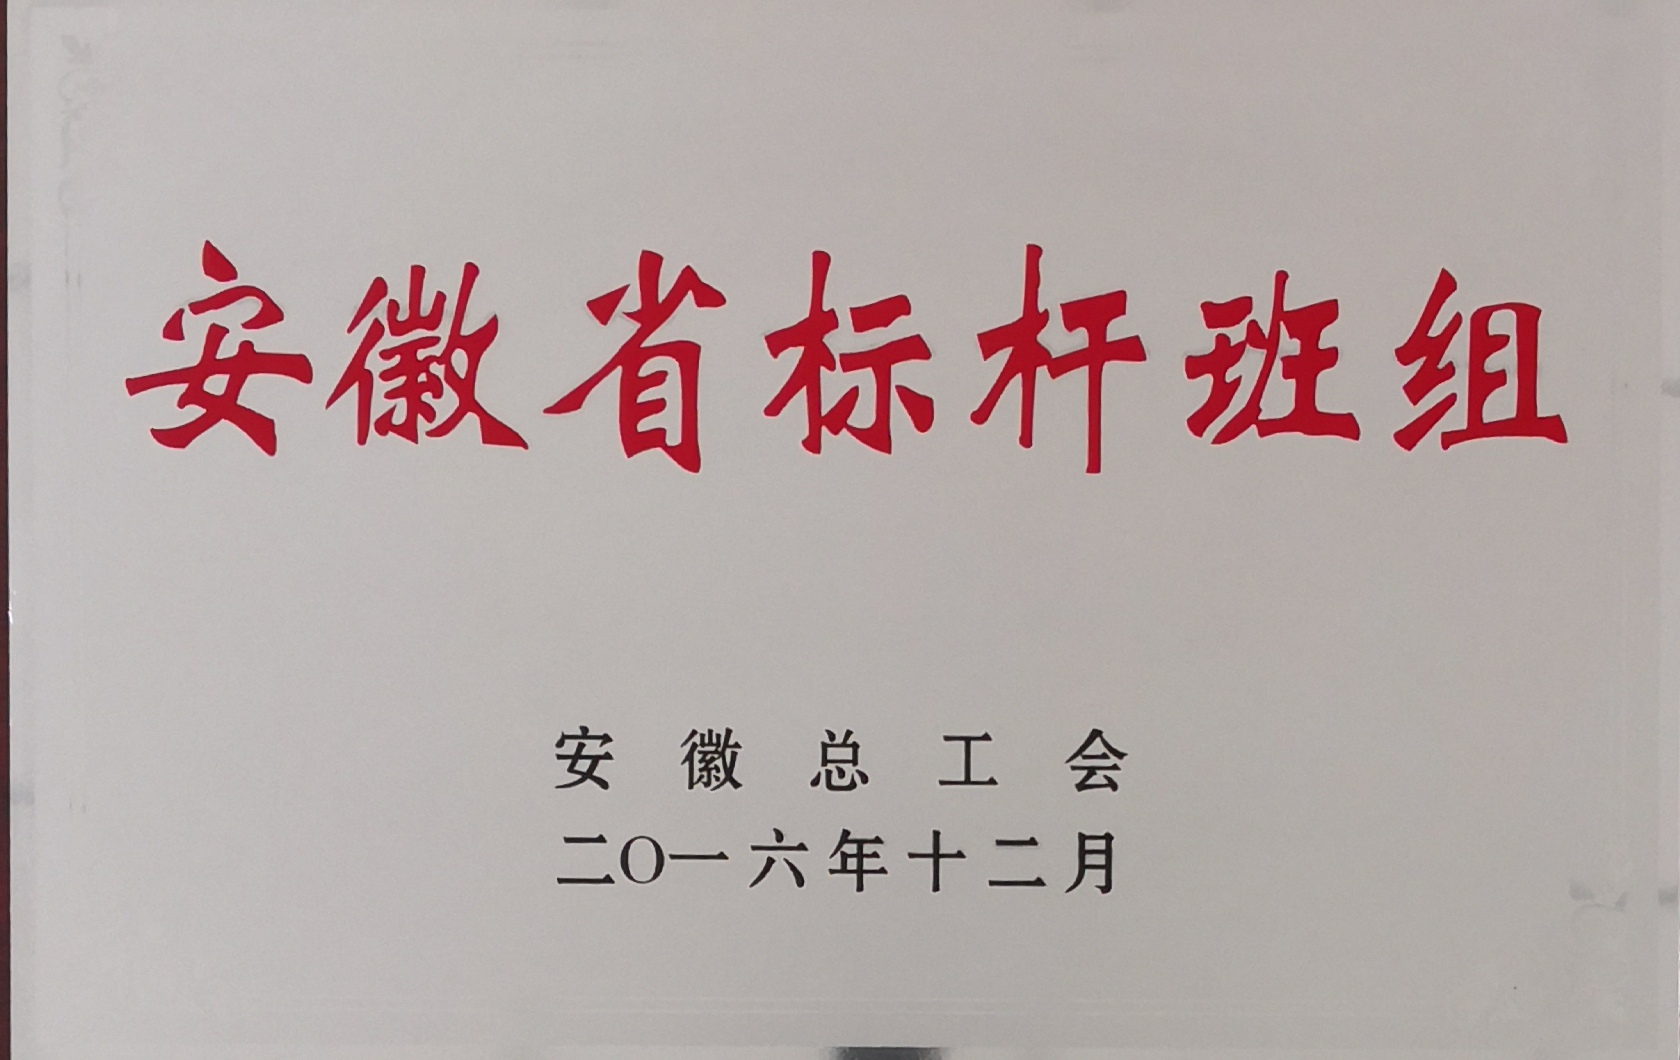 安徽省標桿班組